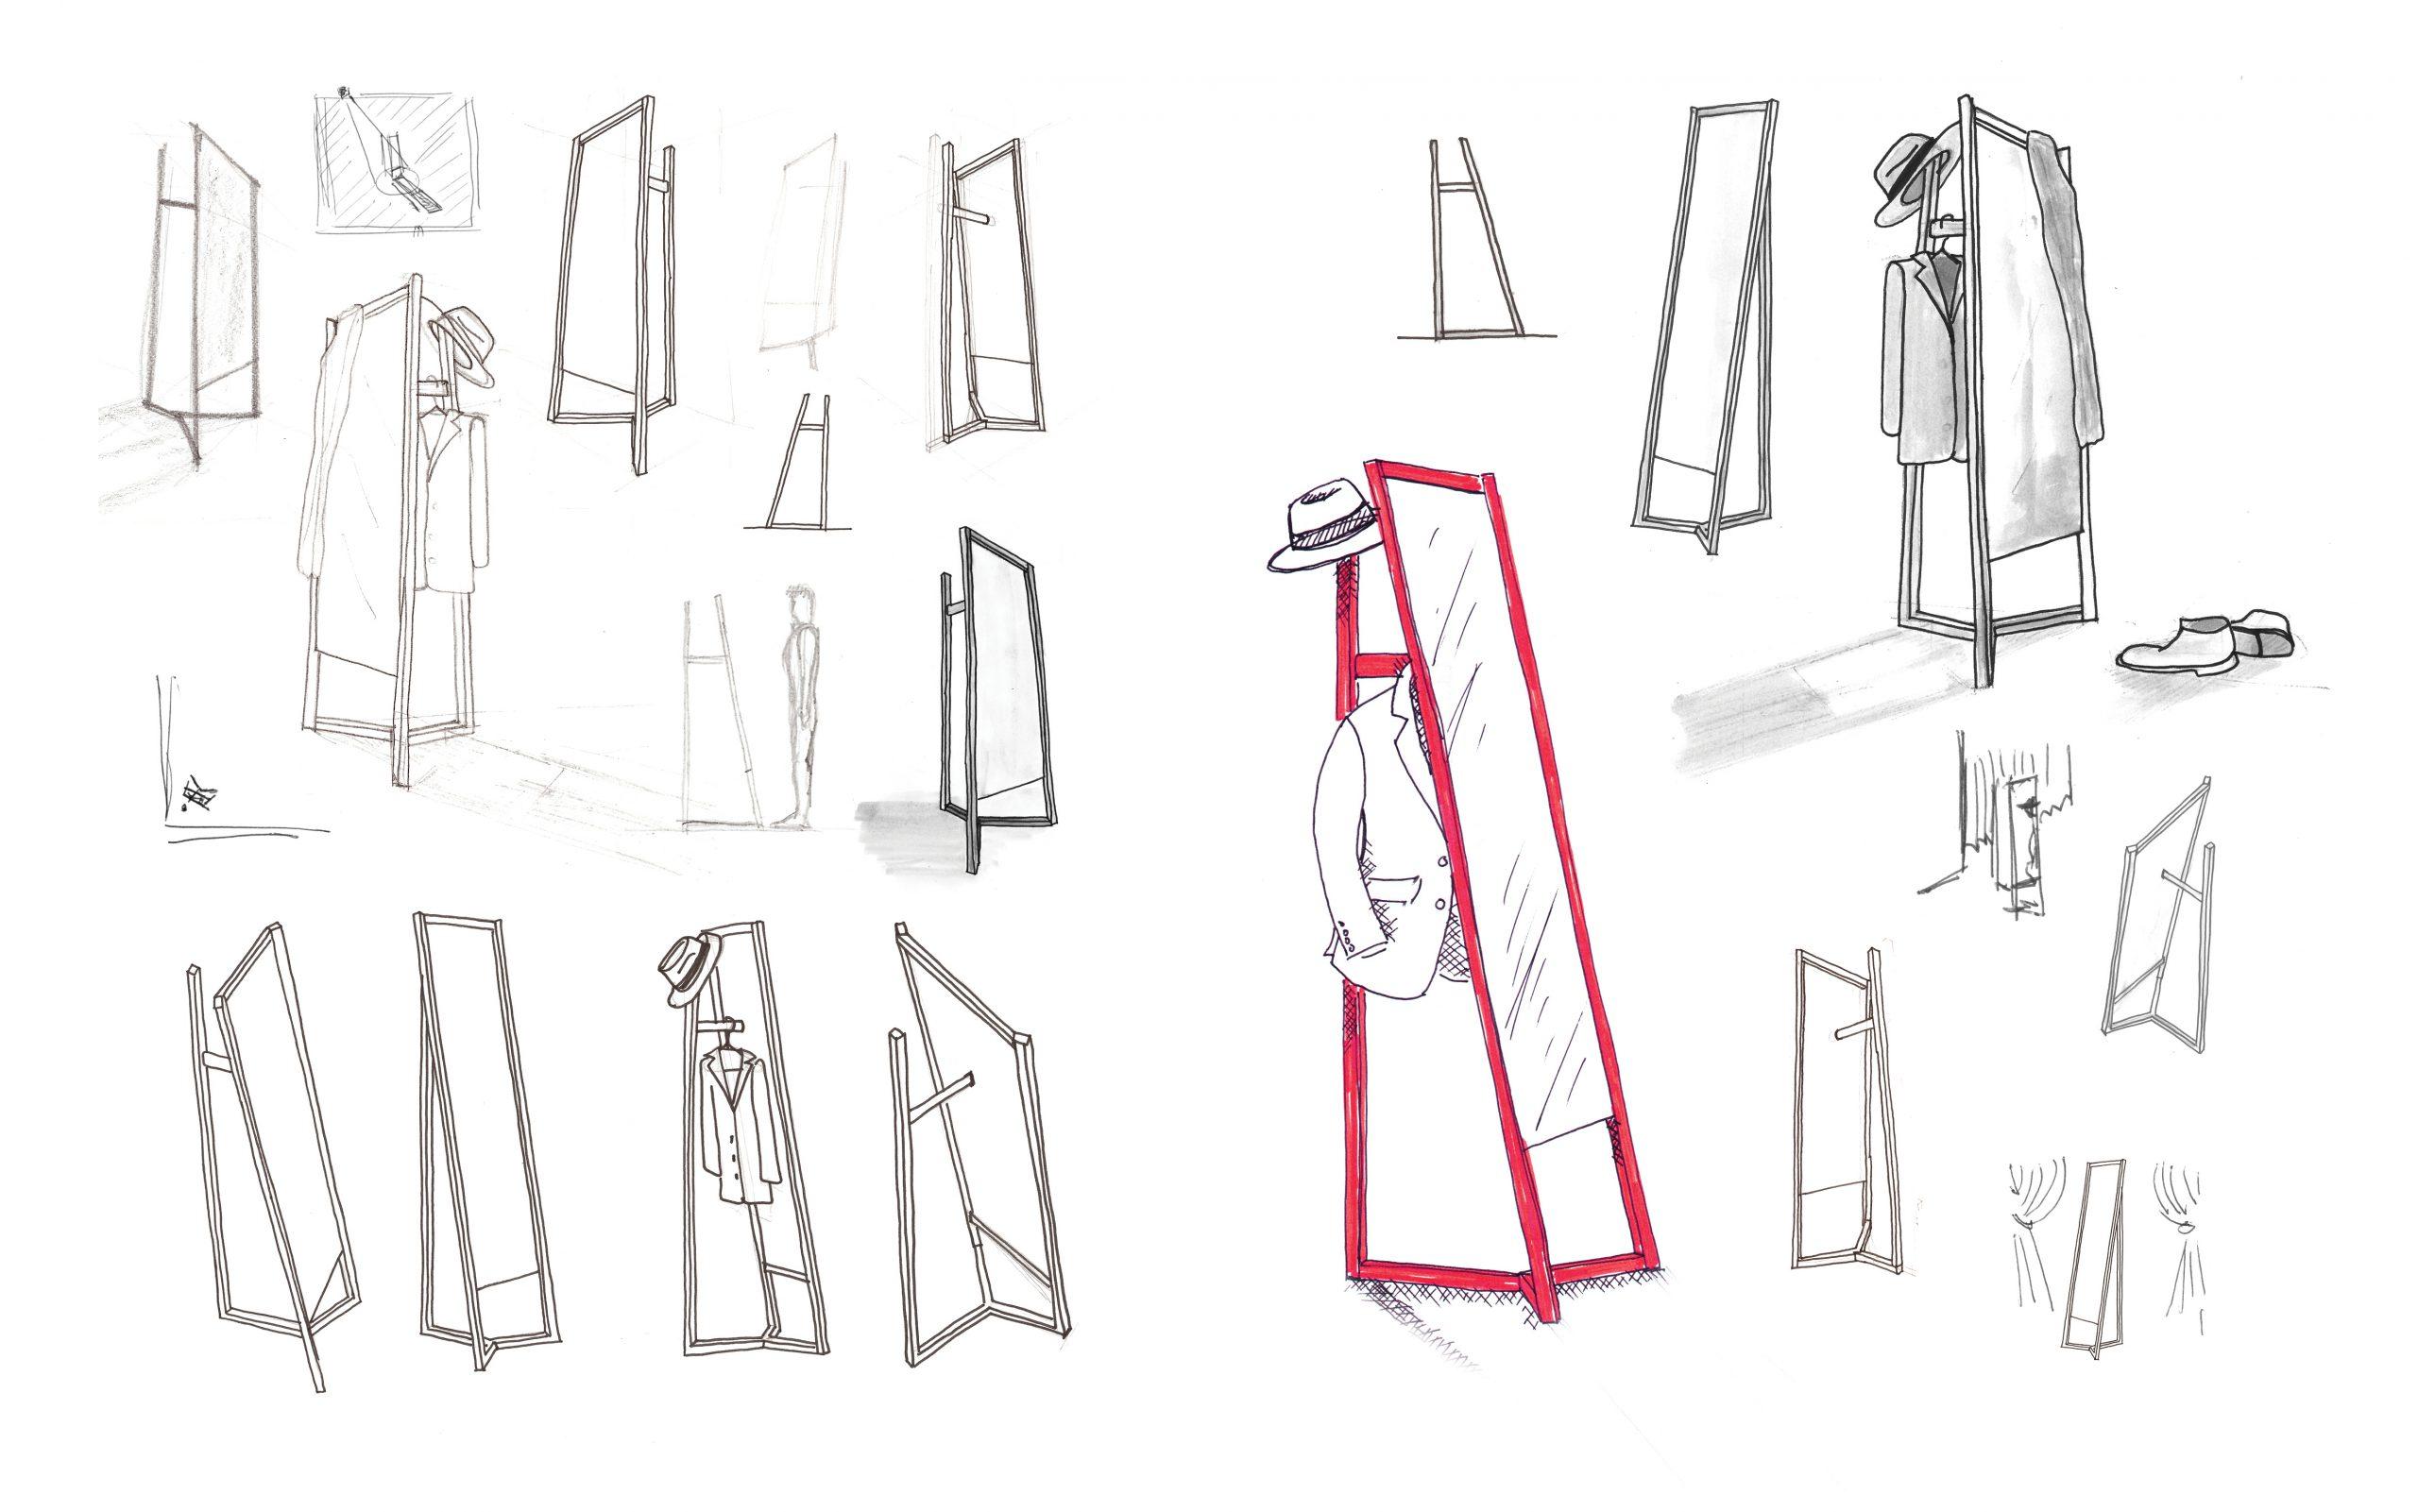 Sketch of Club mirror by Debiasi Sandri for Schoenbuch